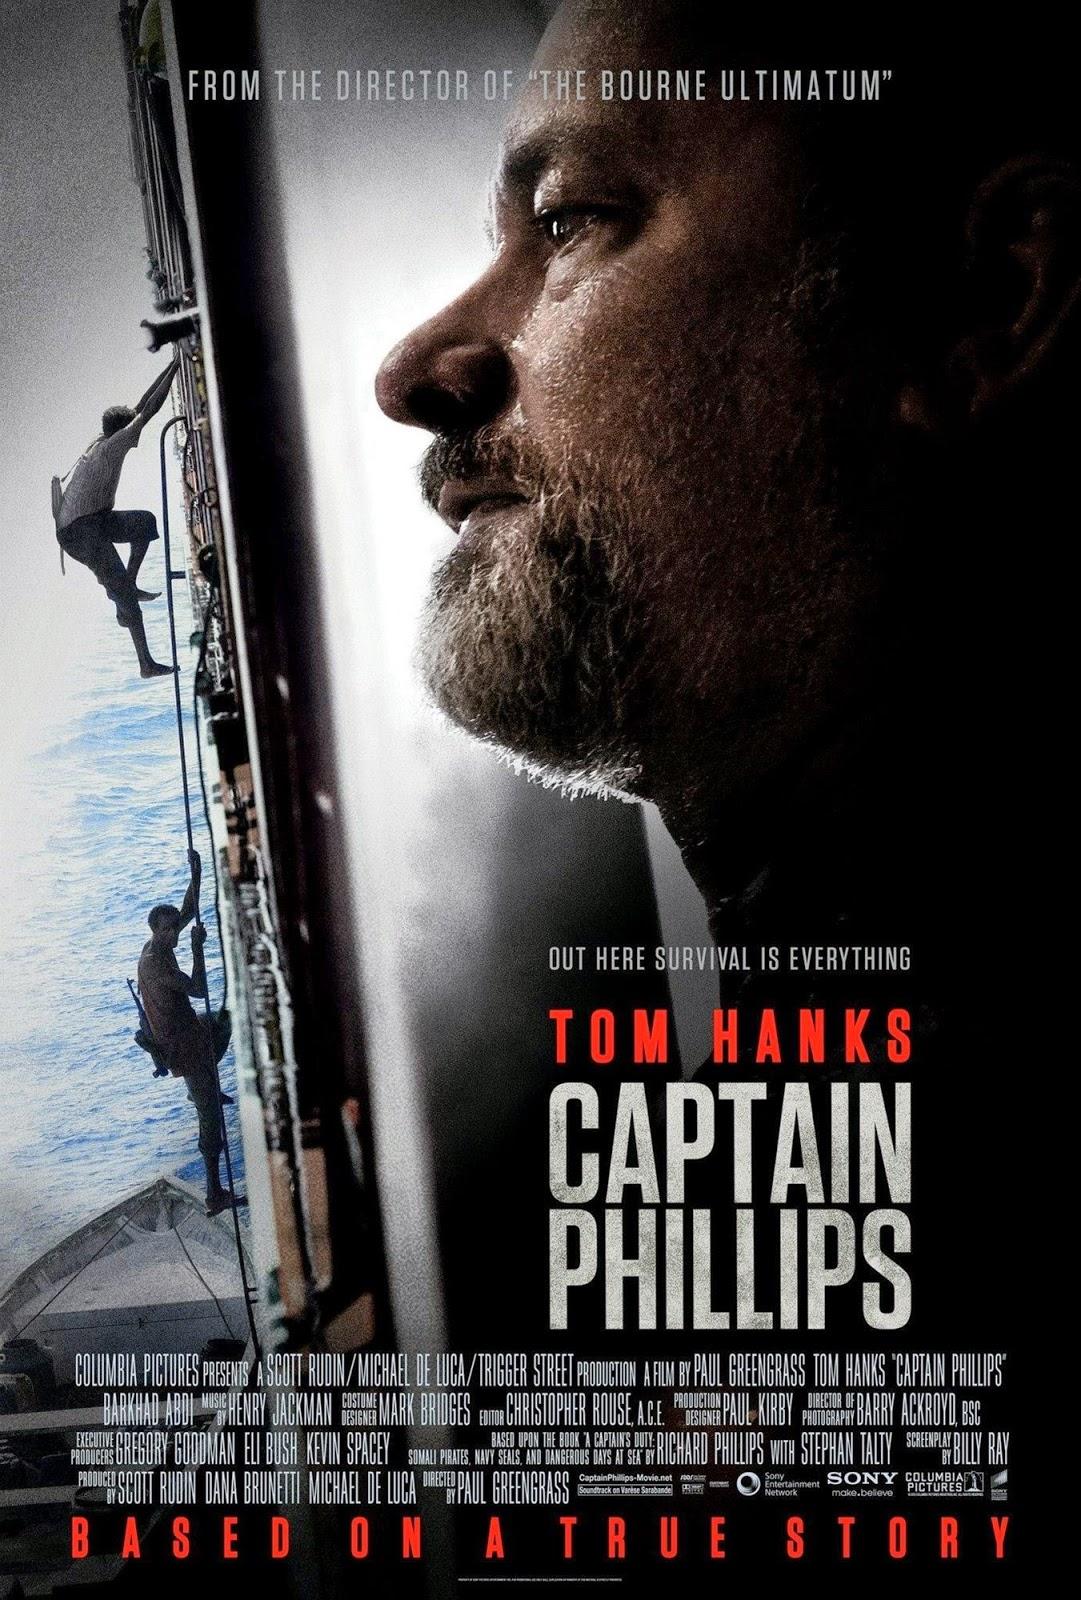 Captain Phillips ฝ่านาทีพิฆาต โจรสลัดระทึกโลก [HD][พากย์ไทย]